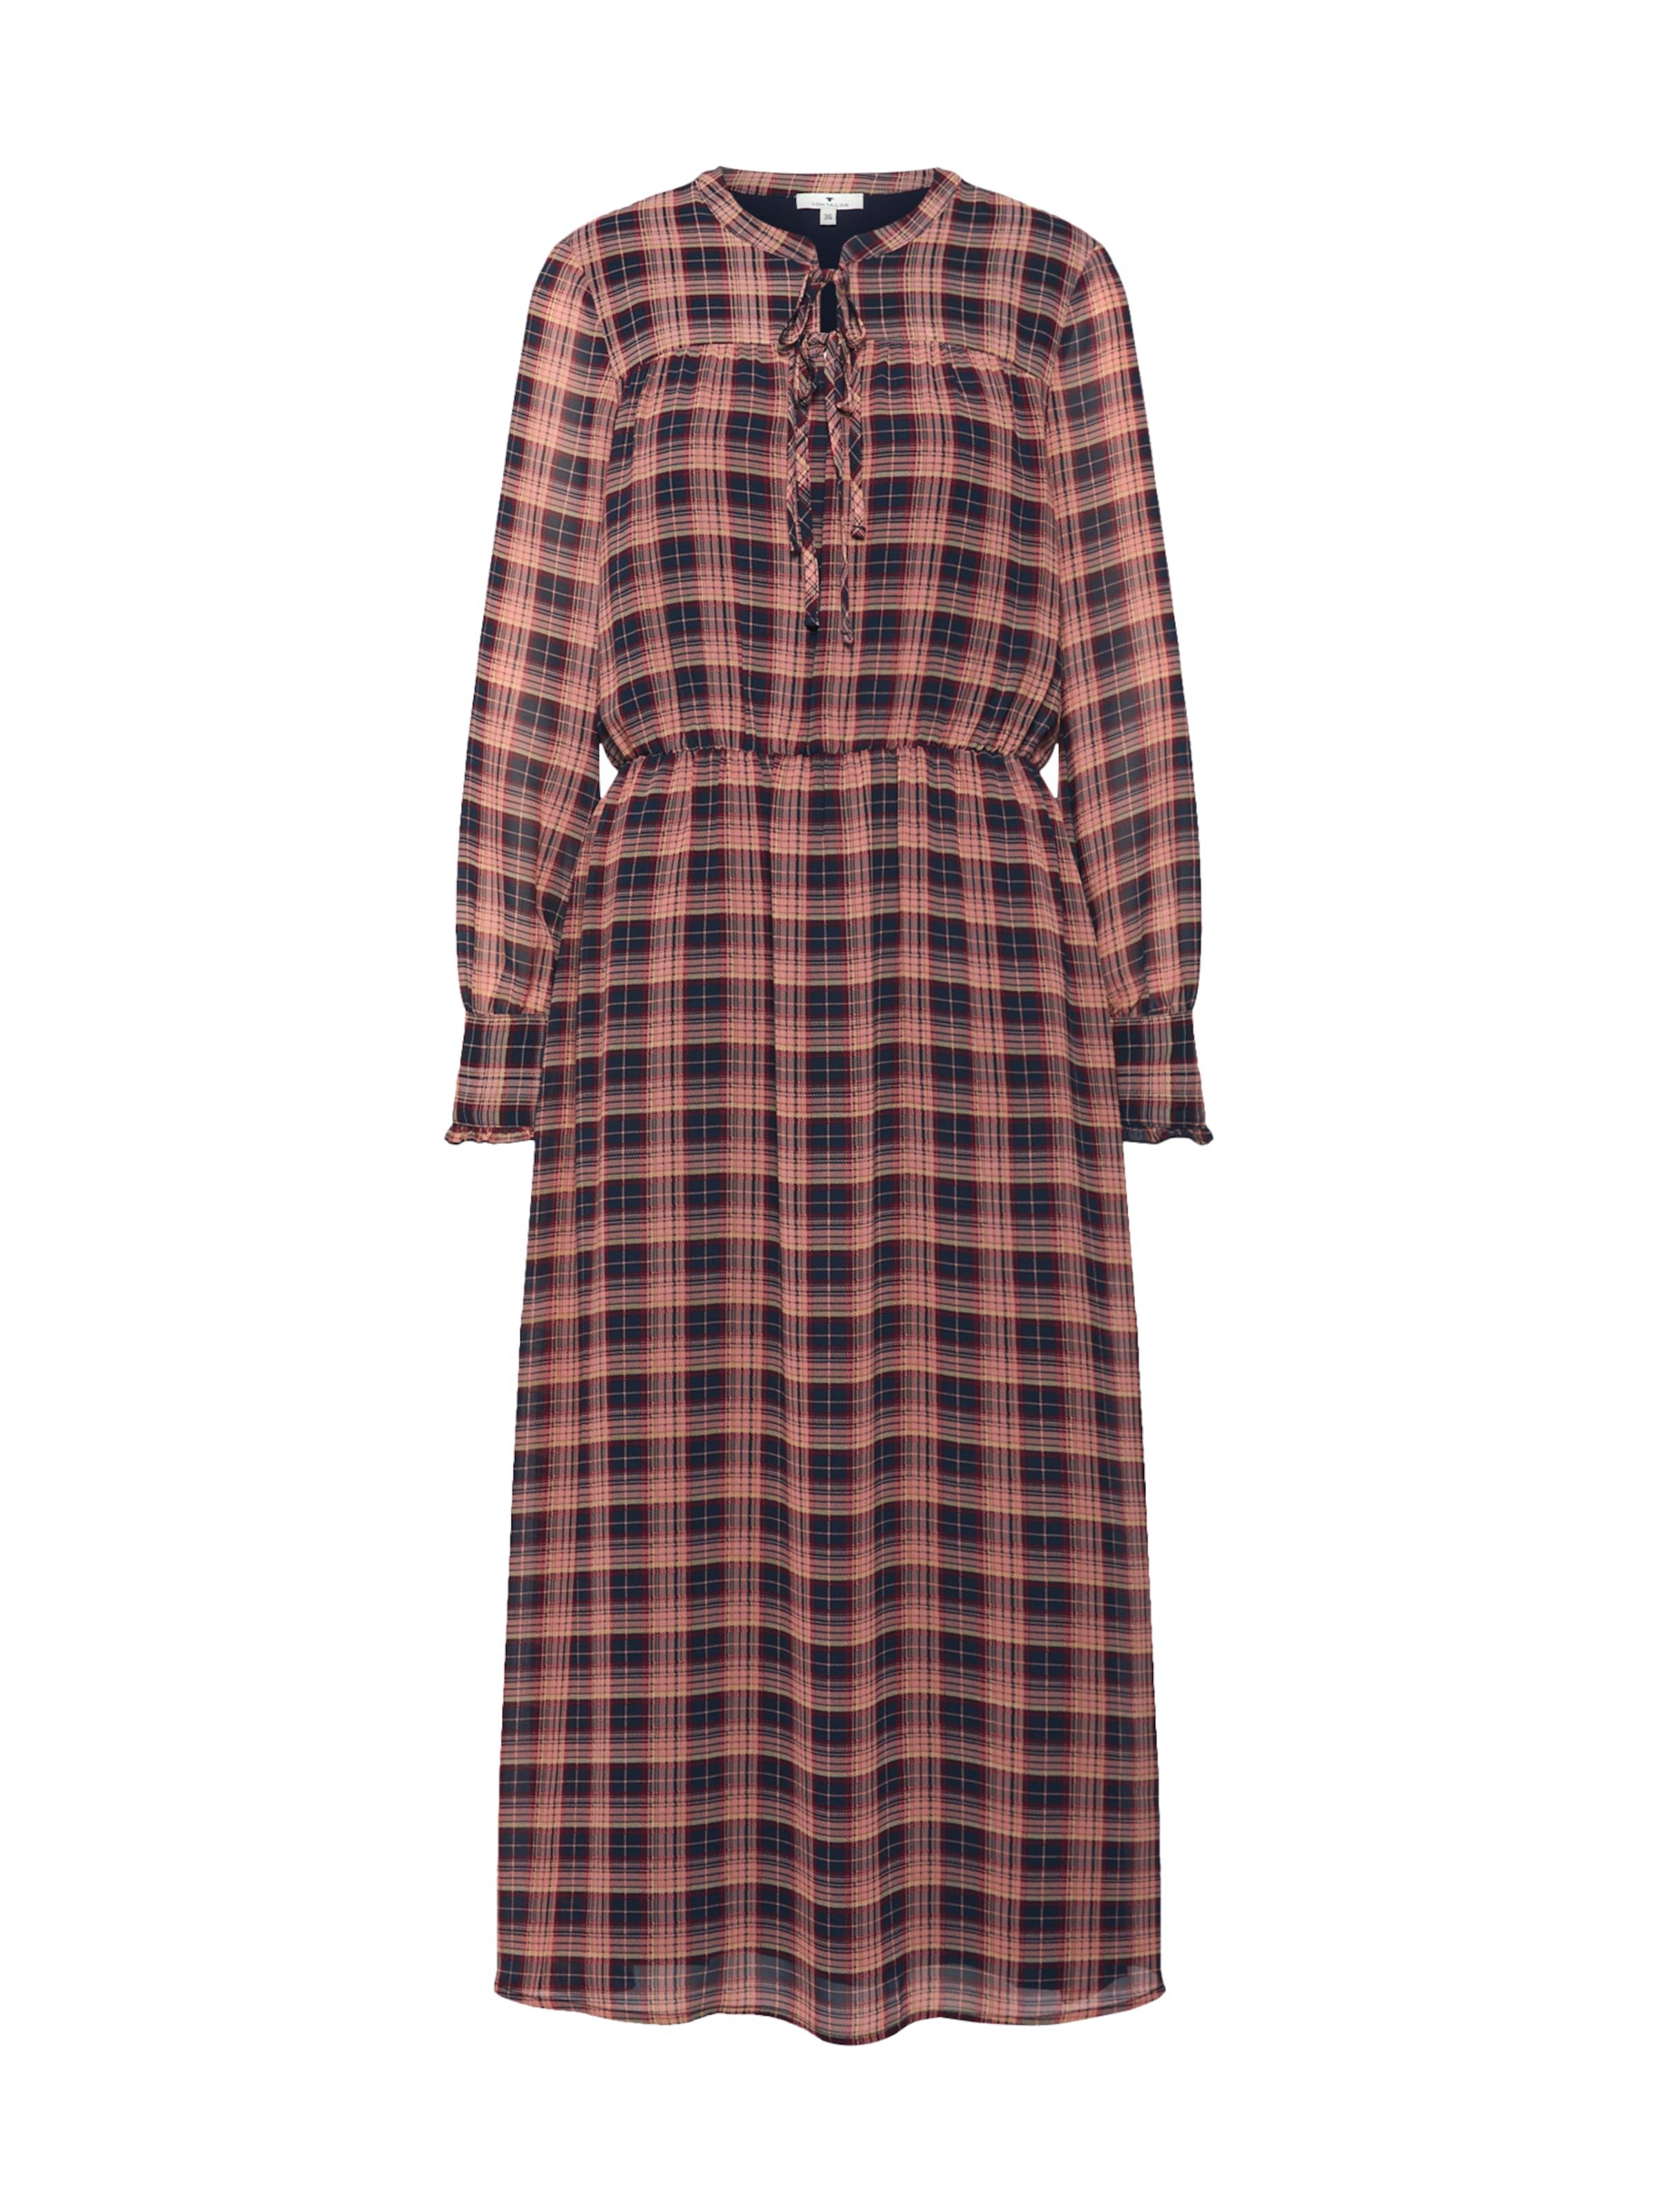 Tom In Kleid Altrosa Tailor 8wv0nmN